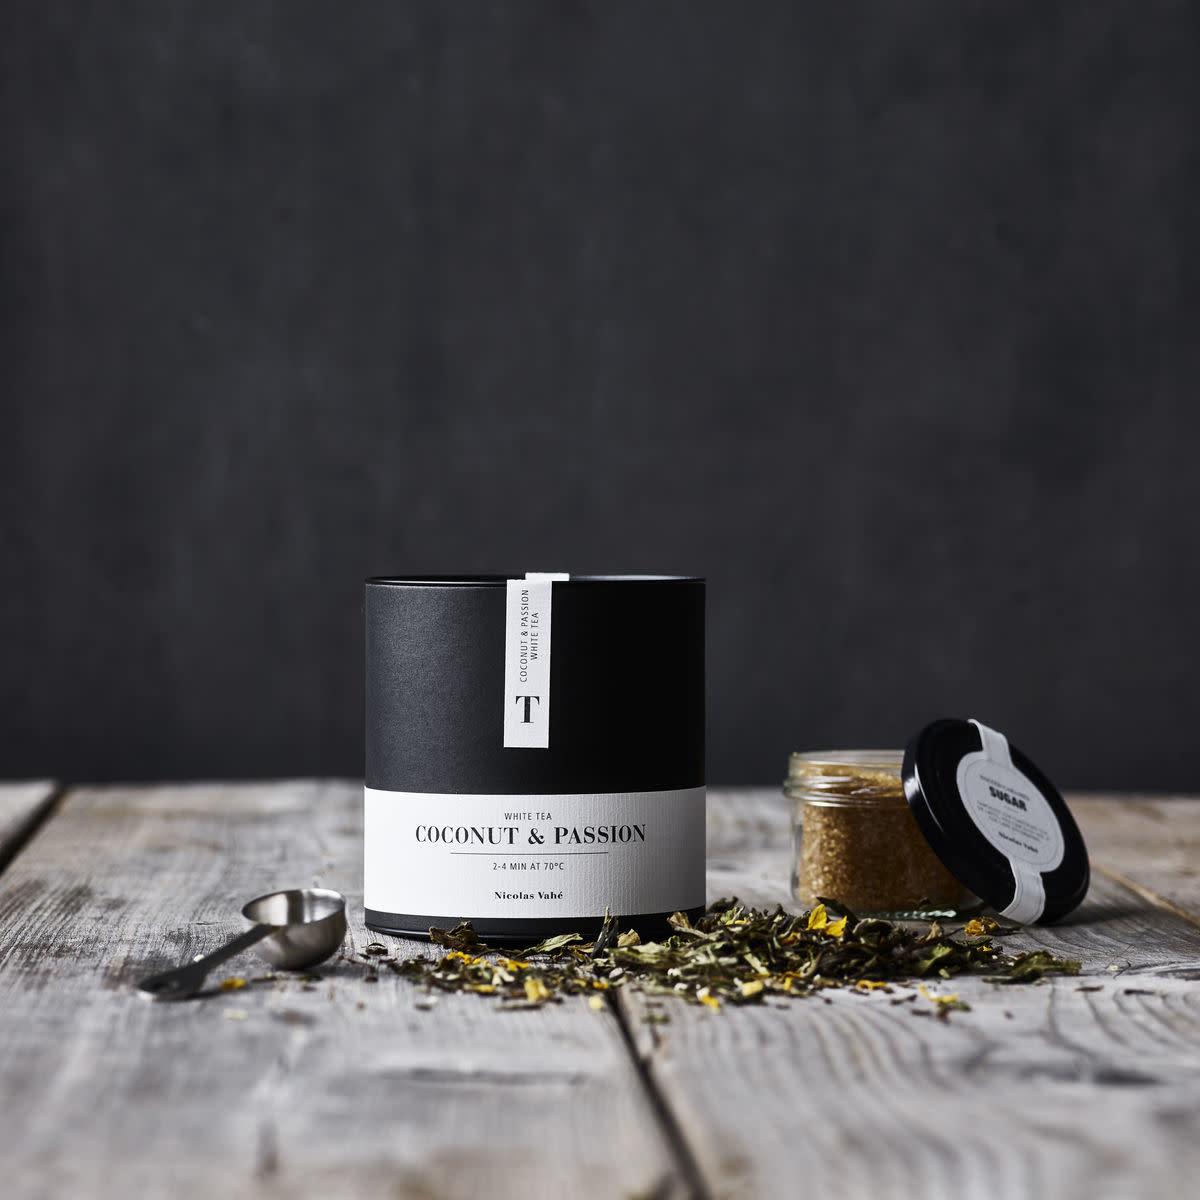 White Tea - Coconut & Passion  - Nicolas Vahé-2